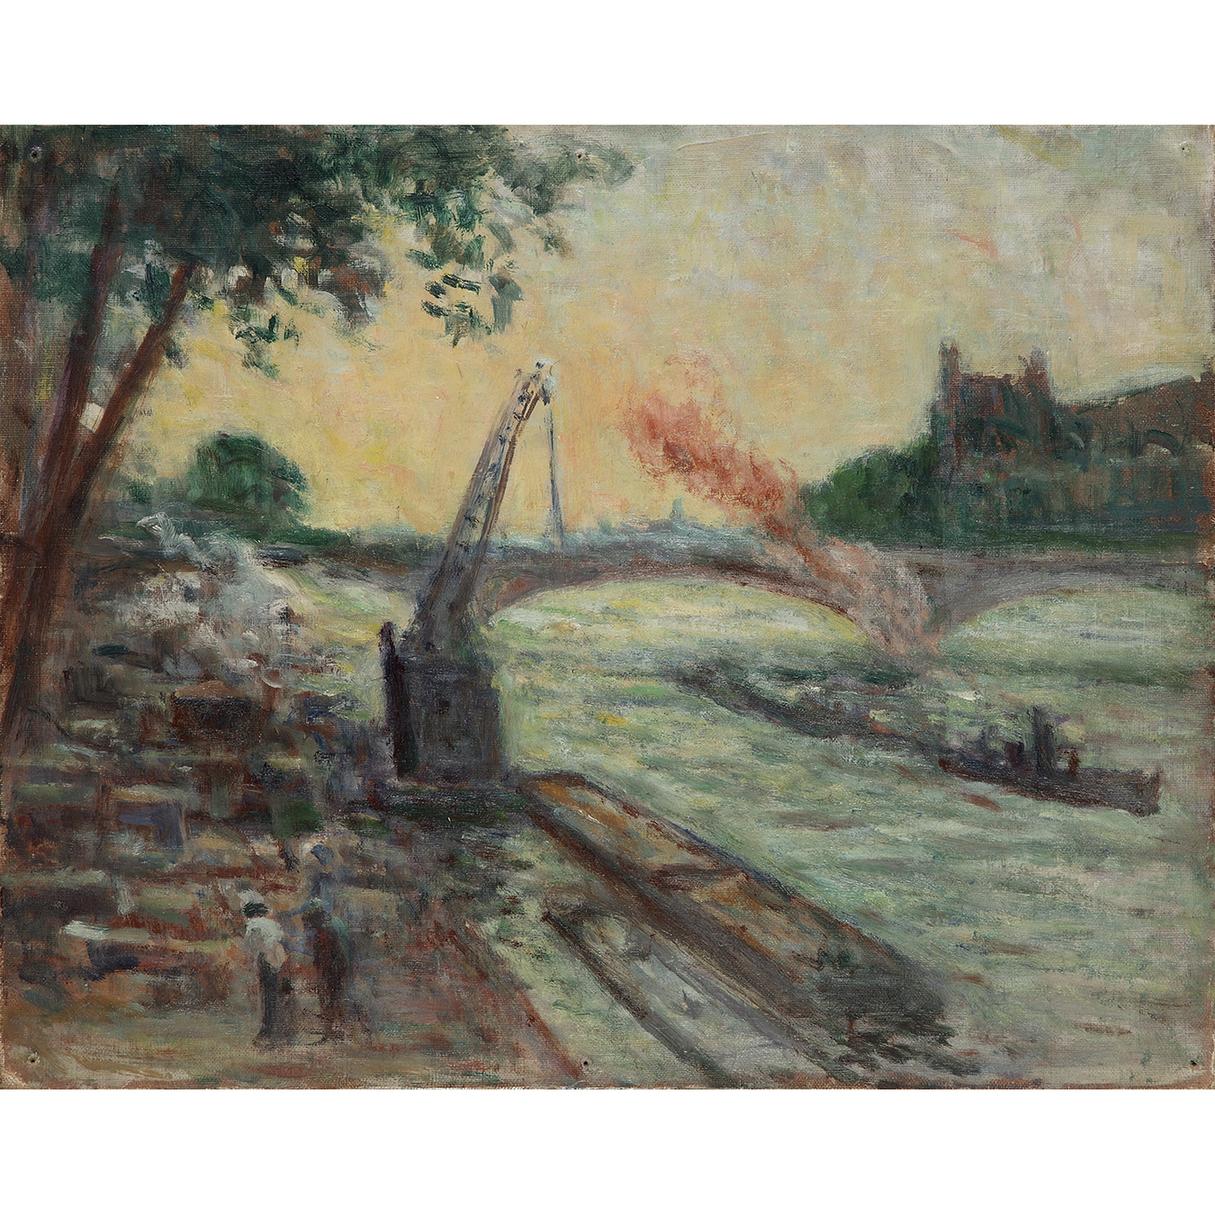 Maximilien Luce-Travaux Sur La Seine, Vers-1930